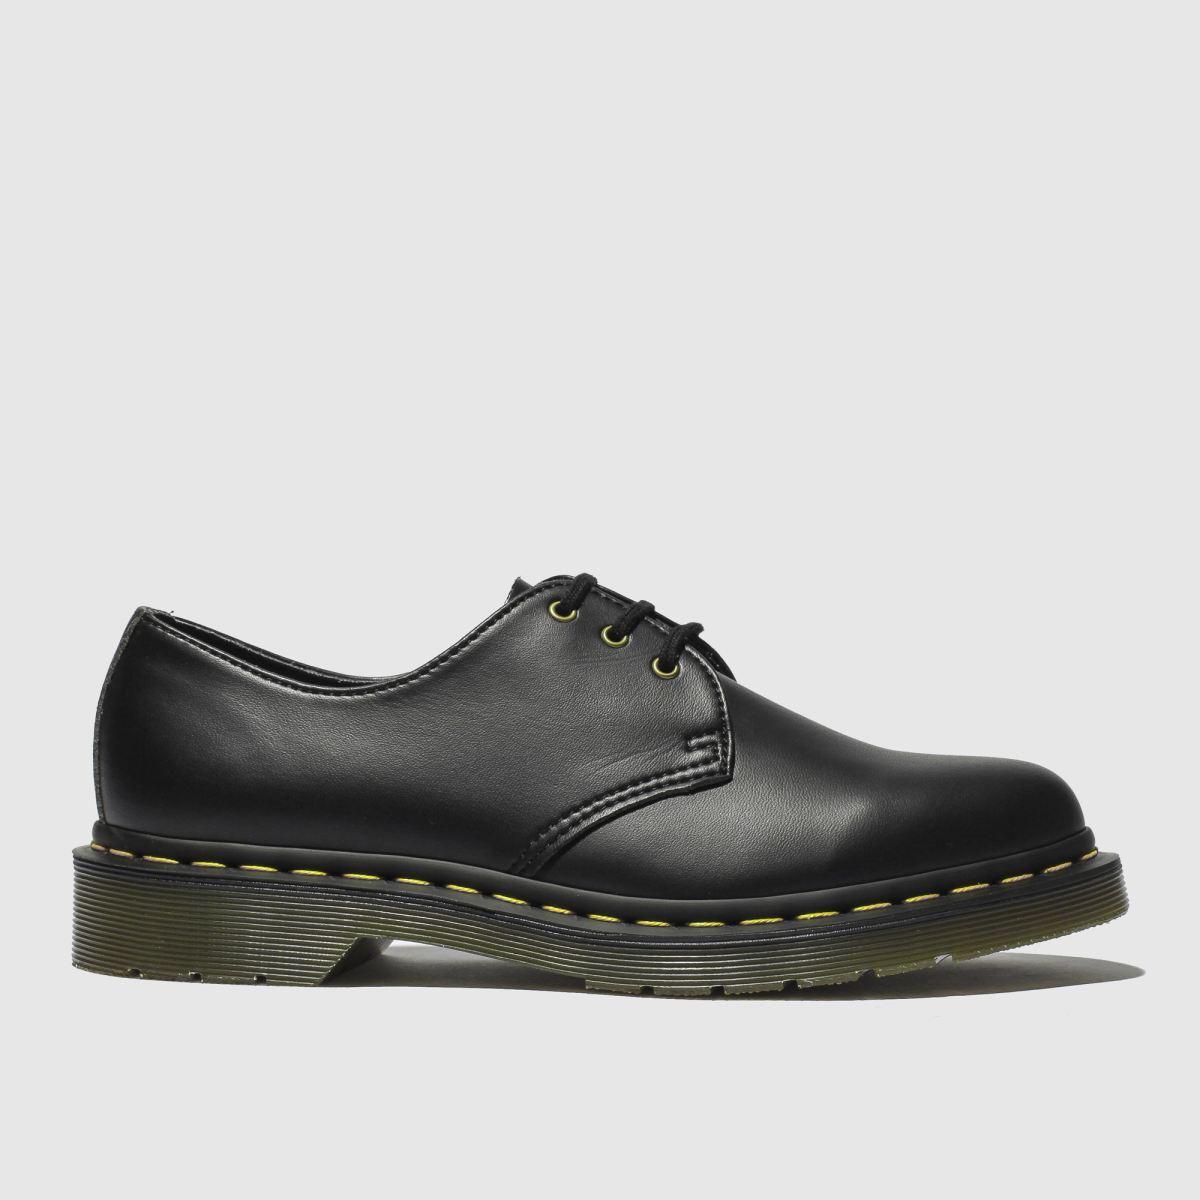 Dr Martens Black 1461 Vegan Felix Rub Off Flat Shoes